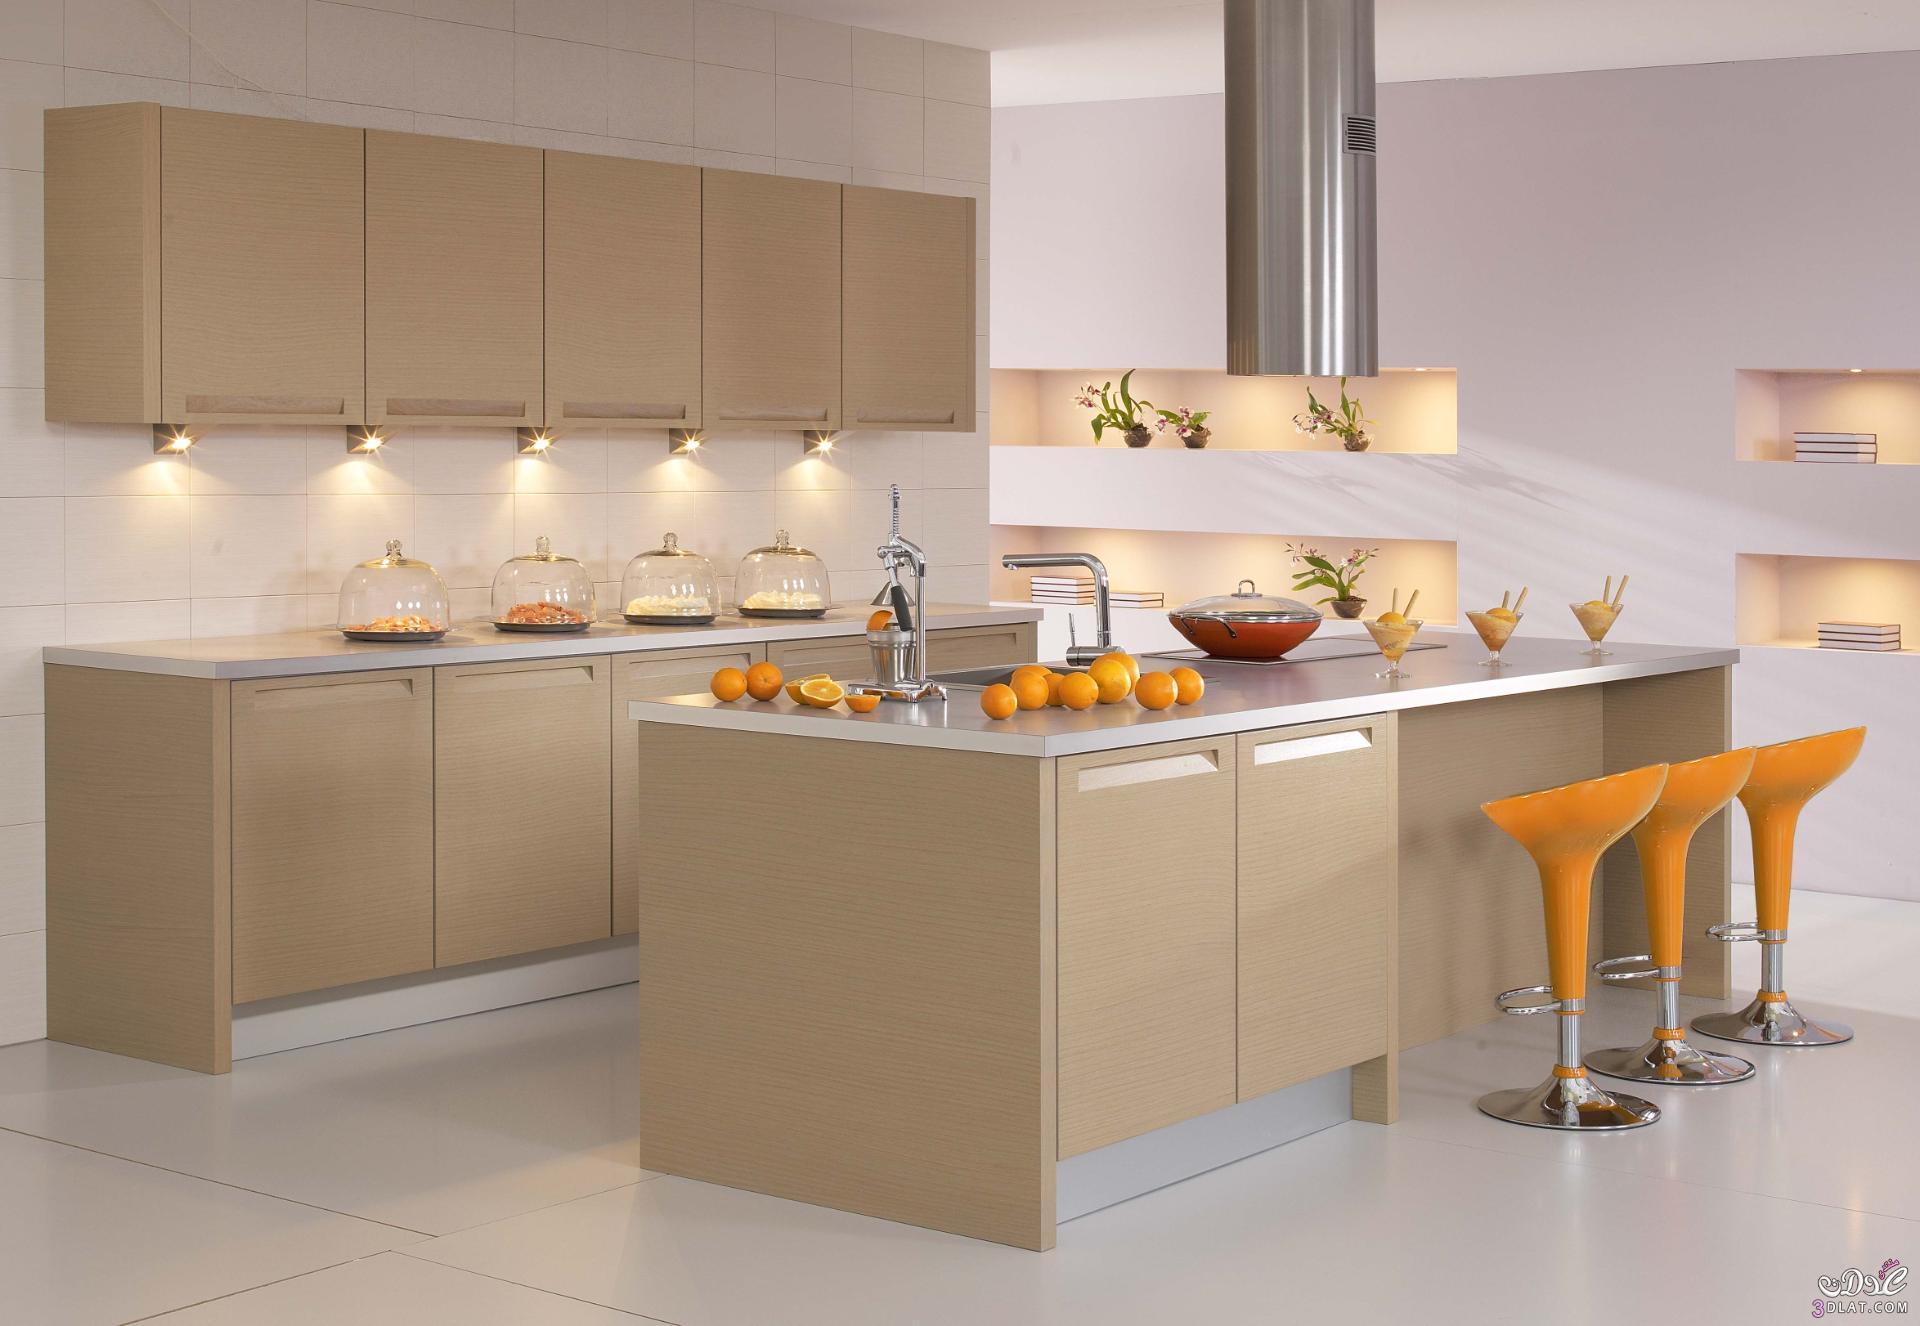 تصاميم عصرية وفخمة للمطابخ الالمانية 2018 , مطابخ المانية بتصاميم